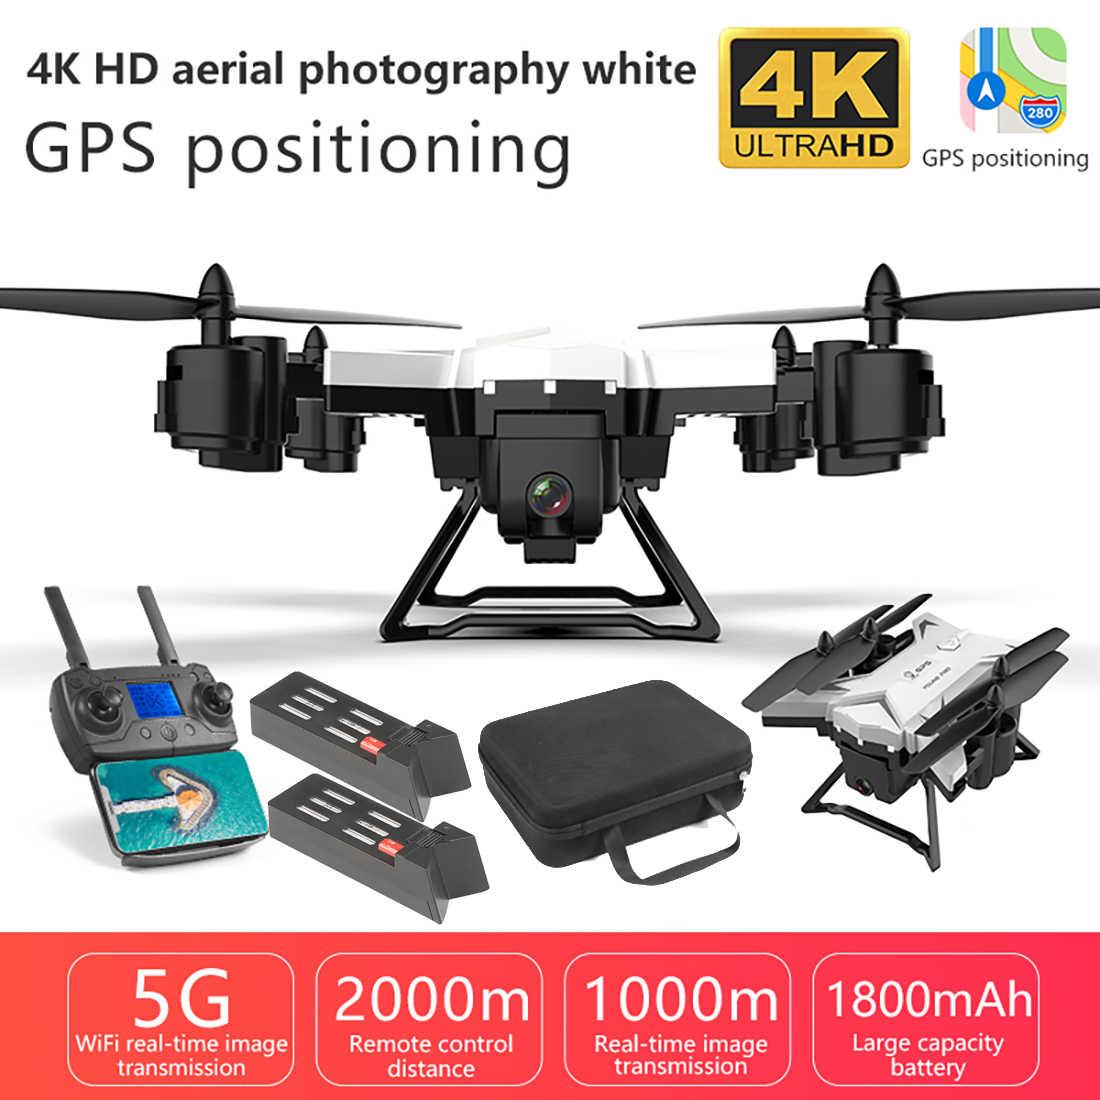 جديد برو للطي غس الطائرة بدون طيار KY601G 4K هد كاميرا 5G واي فاي طائرة بدون طيار FPV LED 2.4G 4CH 1.8 كجم لمسافات طويلة 20 دقيقة الطيران أجهزة الاستقبال عن بعد